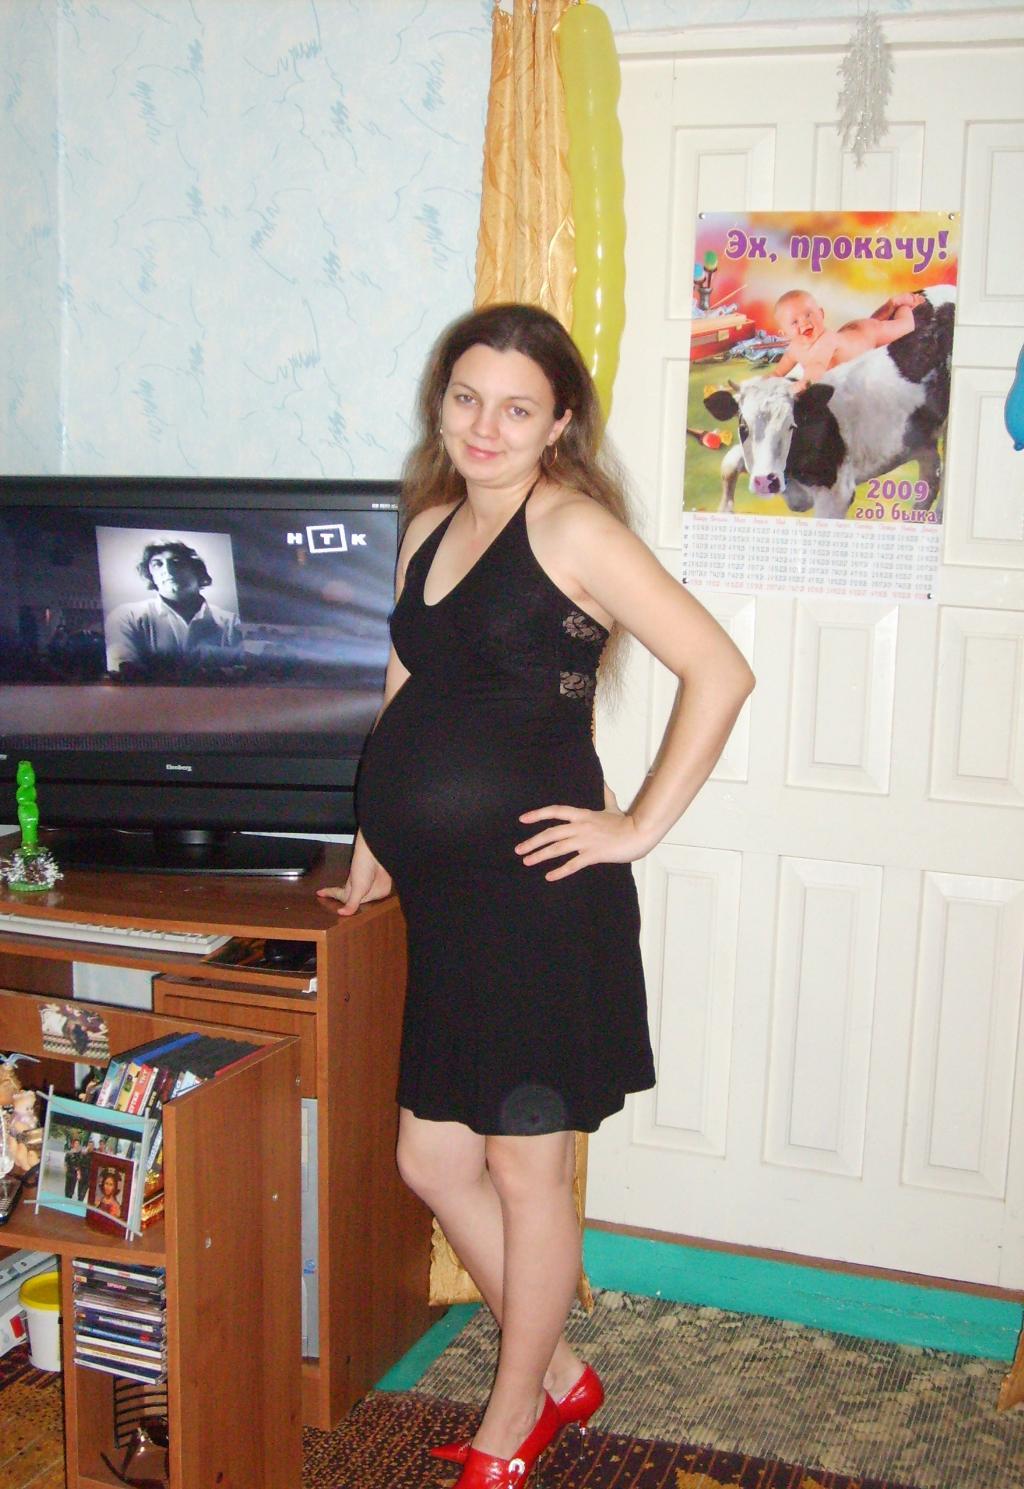 Предновогодняя подготовка. Стильная беременность